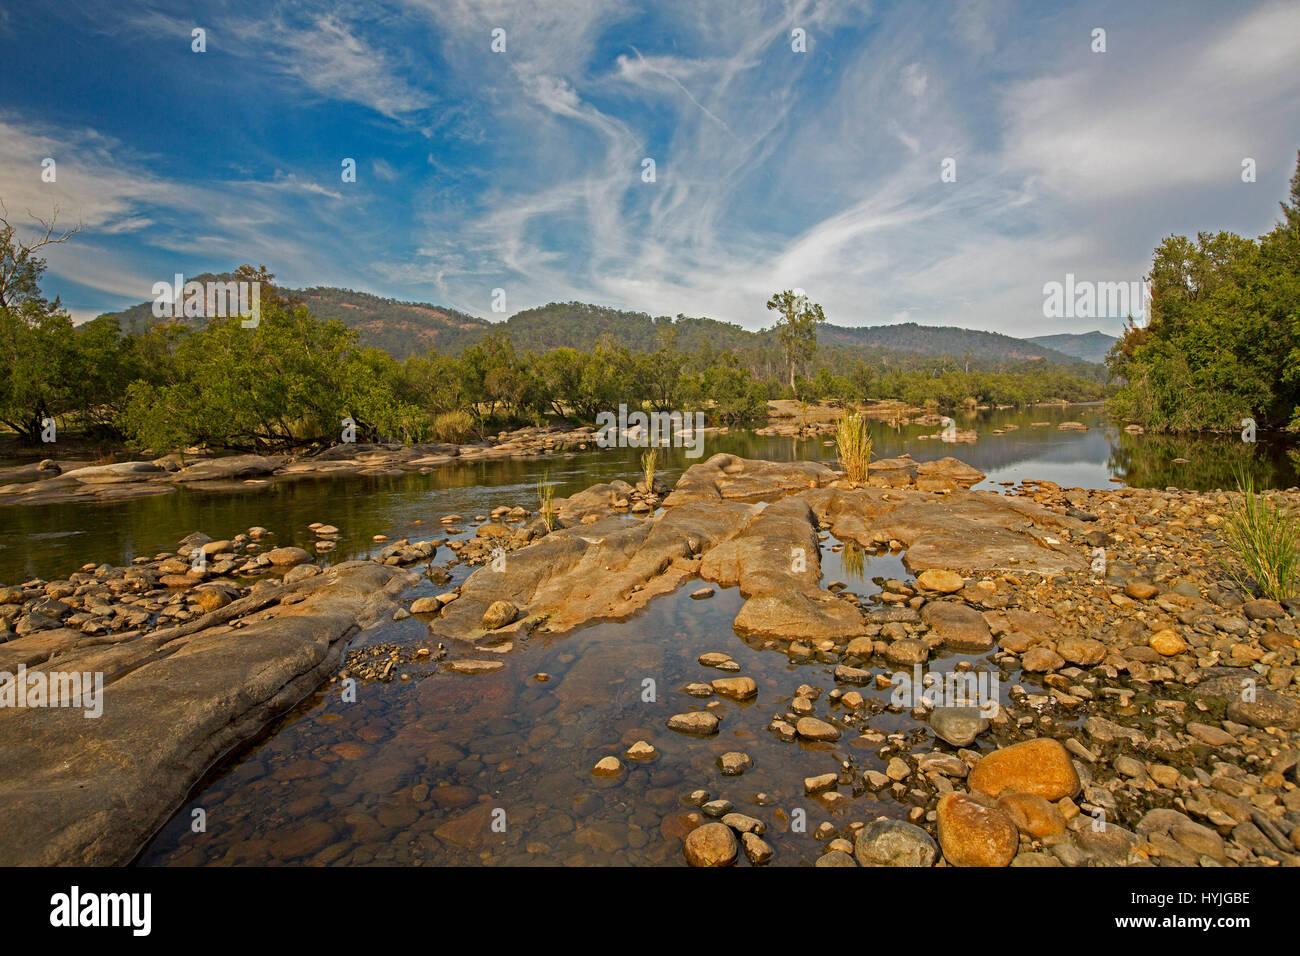 Vue panoramique de Rocky cours de Mann ourlé à la rivière et les forêts avec gammes sur horizon Photo Stock